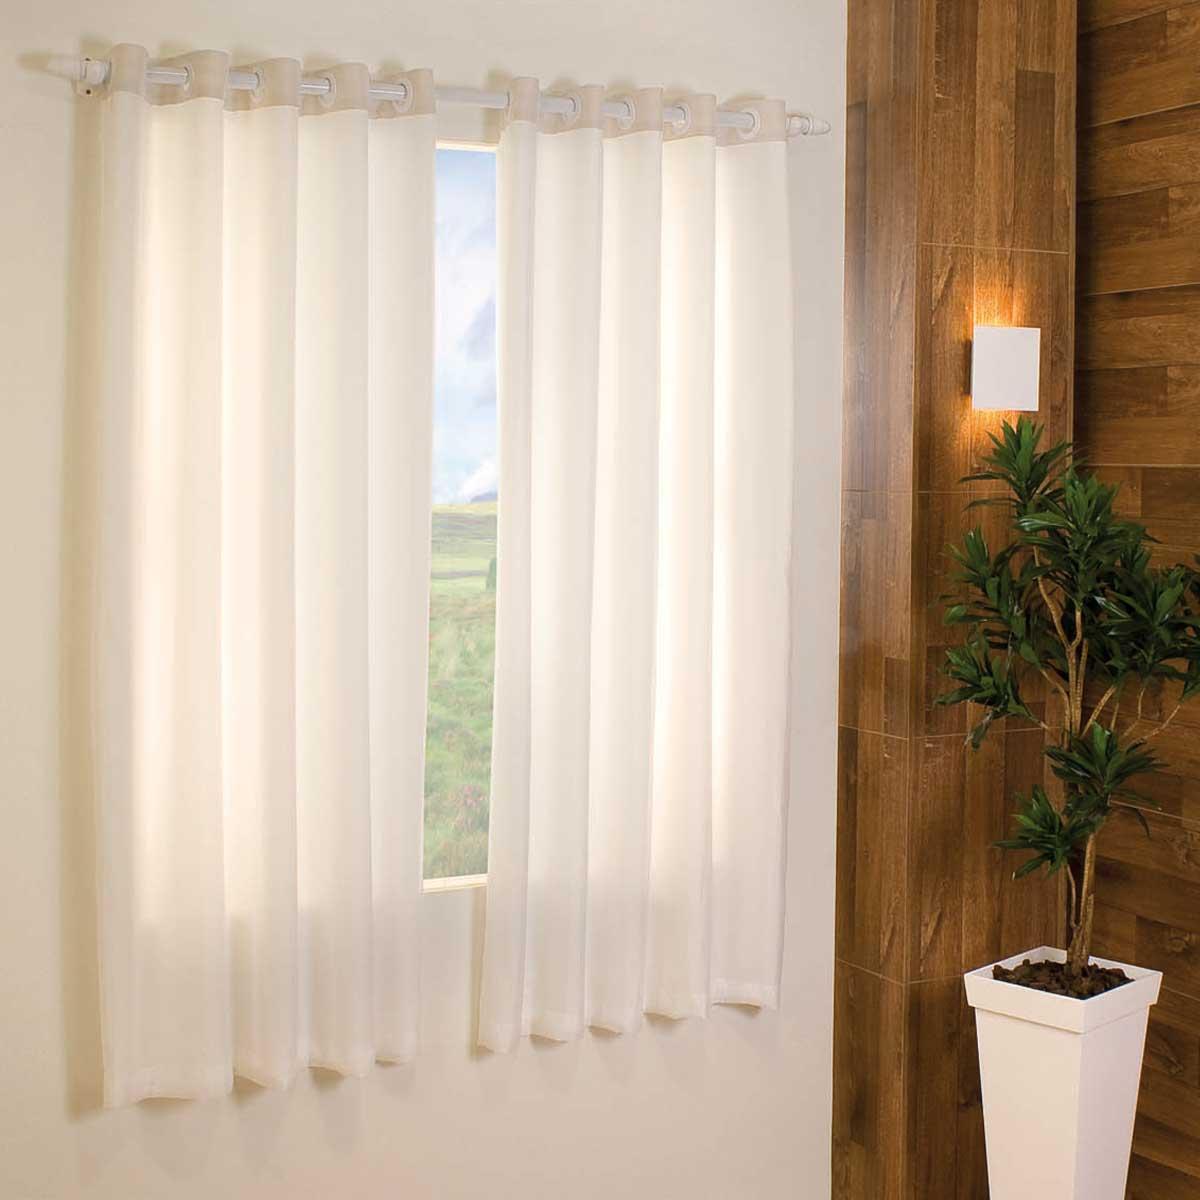 cortina-voil-liso-3-00x2-30-havan-2-2